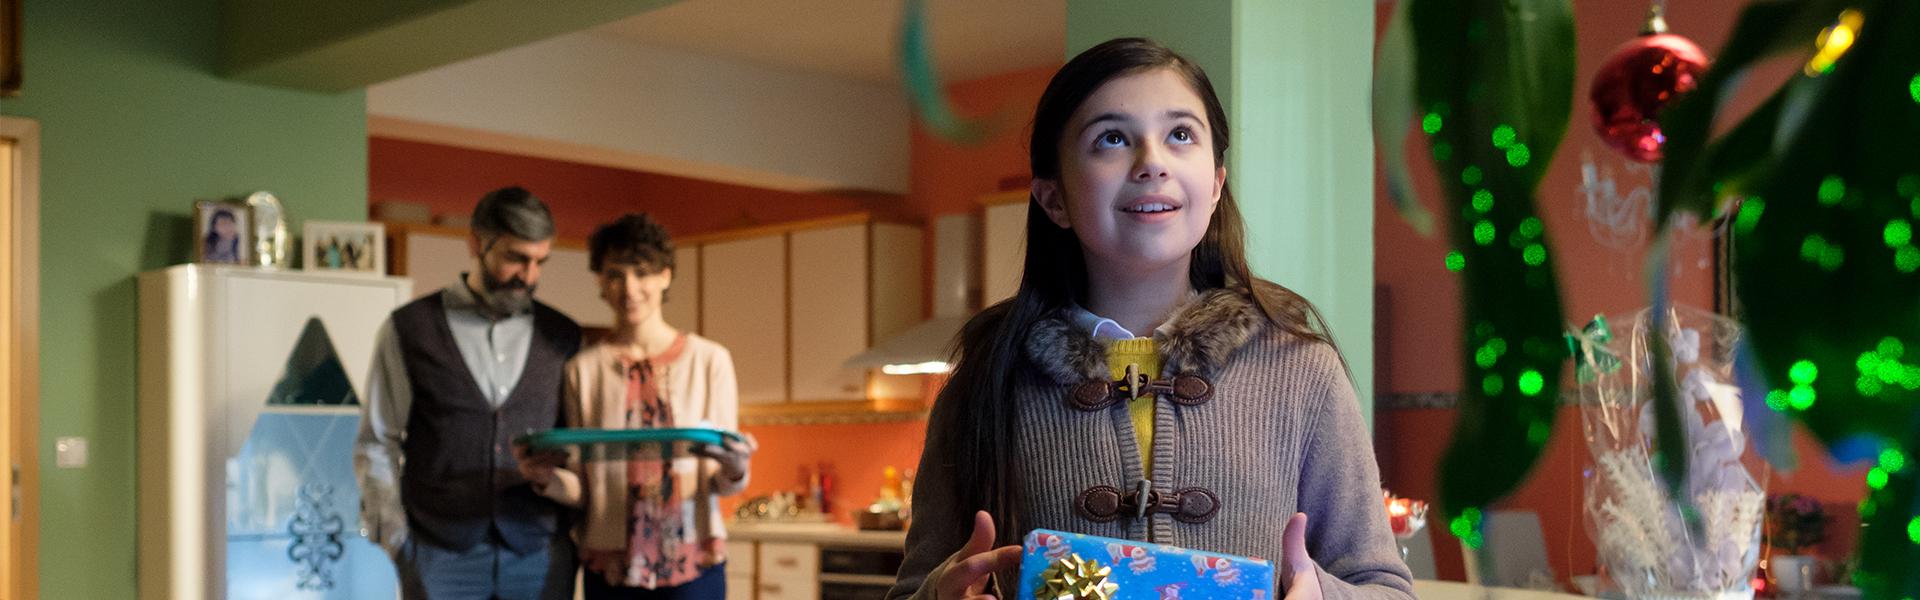 Czarodziejka Lili ratuje Święta <span>(dubbing)</span>